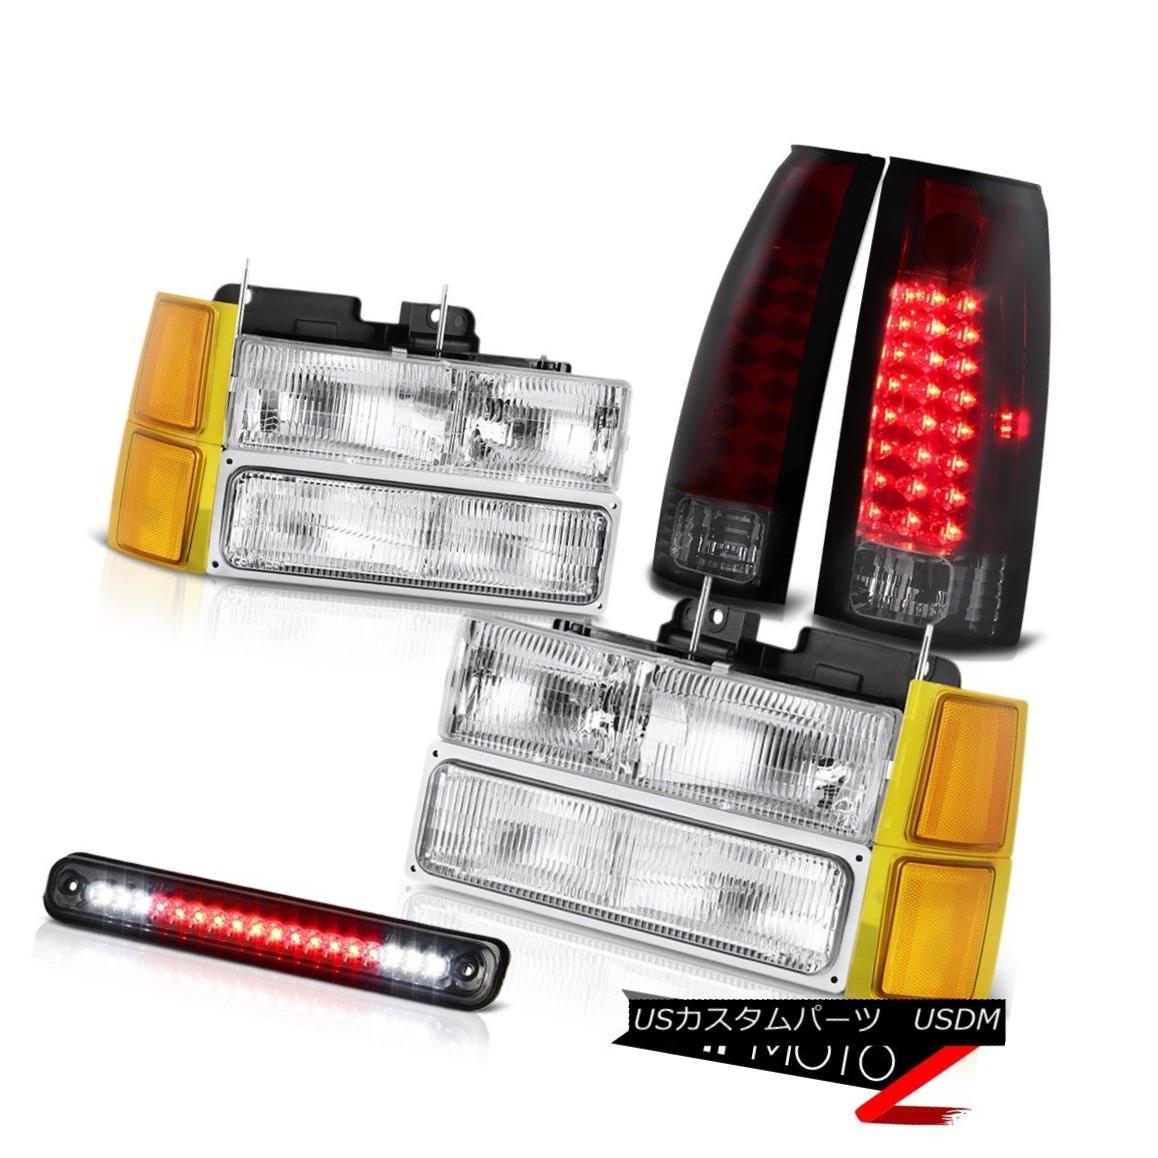 ヘッドライト 1994-1998 Chevy C/K Pickup Headlamps corner roof cargo lamp parking brake lights 1994-1998シボレーC / Kピックアップヘッドランプコーナールーフカーゴランプパーキングブレーキライト